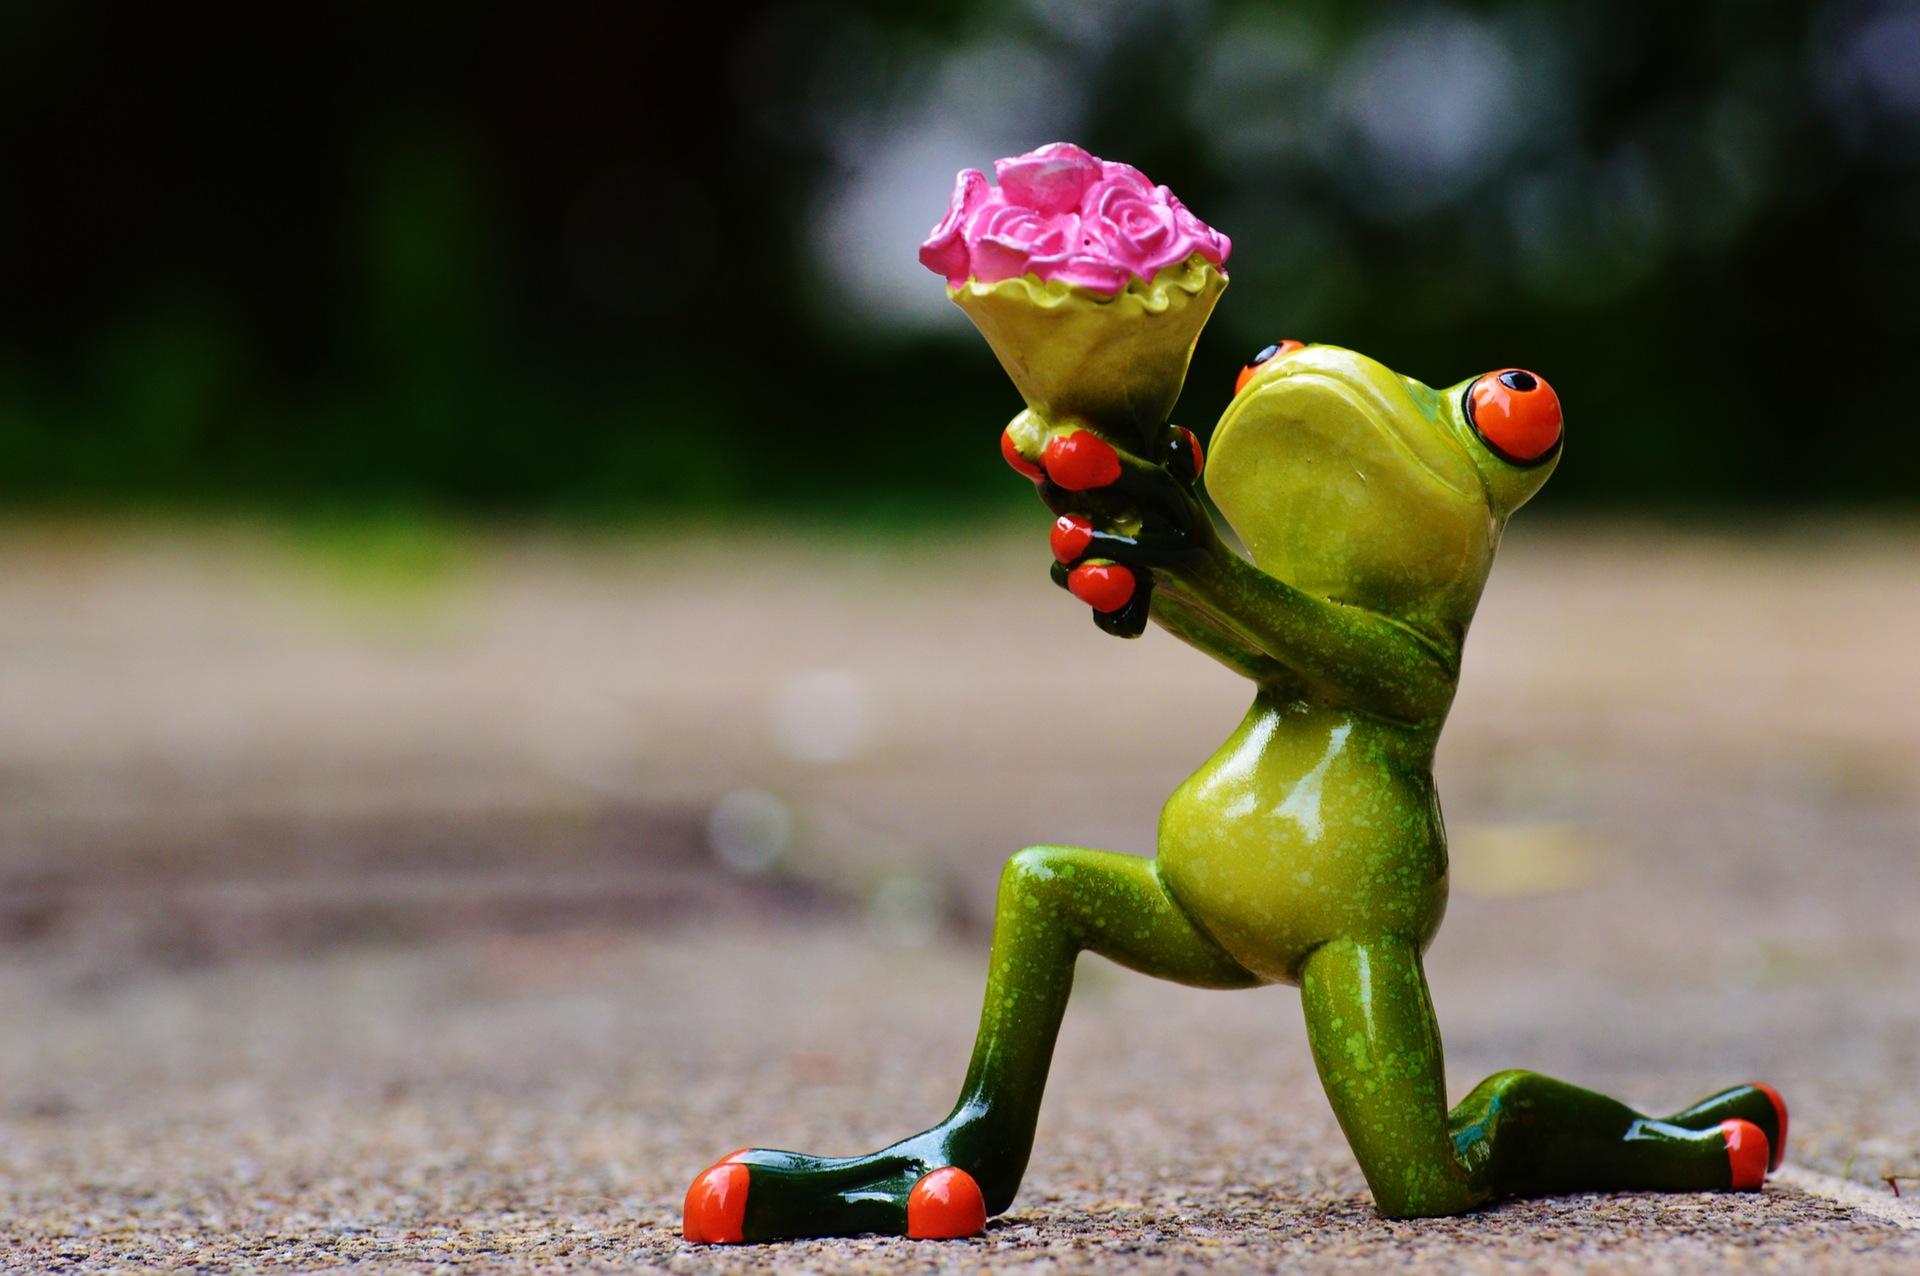 मेंढक, फूल, प्यार, माफी, उपहार, गुलाब, प्यारा, अपने घुटनों पर - HD वॉलपेपर - प्रोफेसर-falken.com